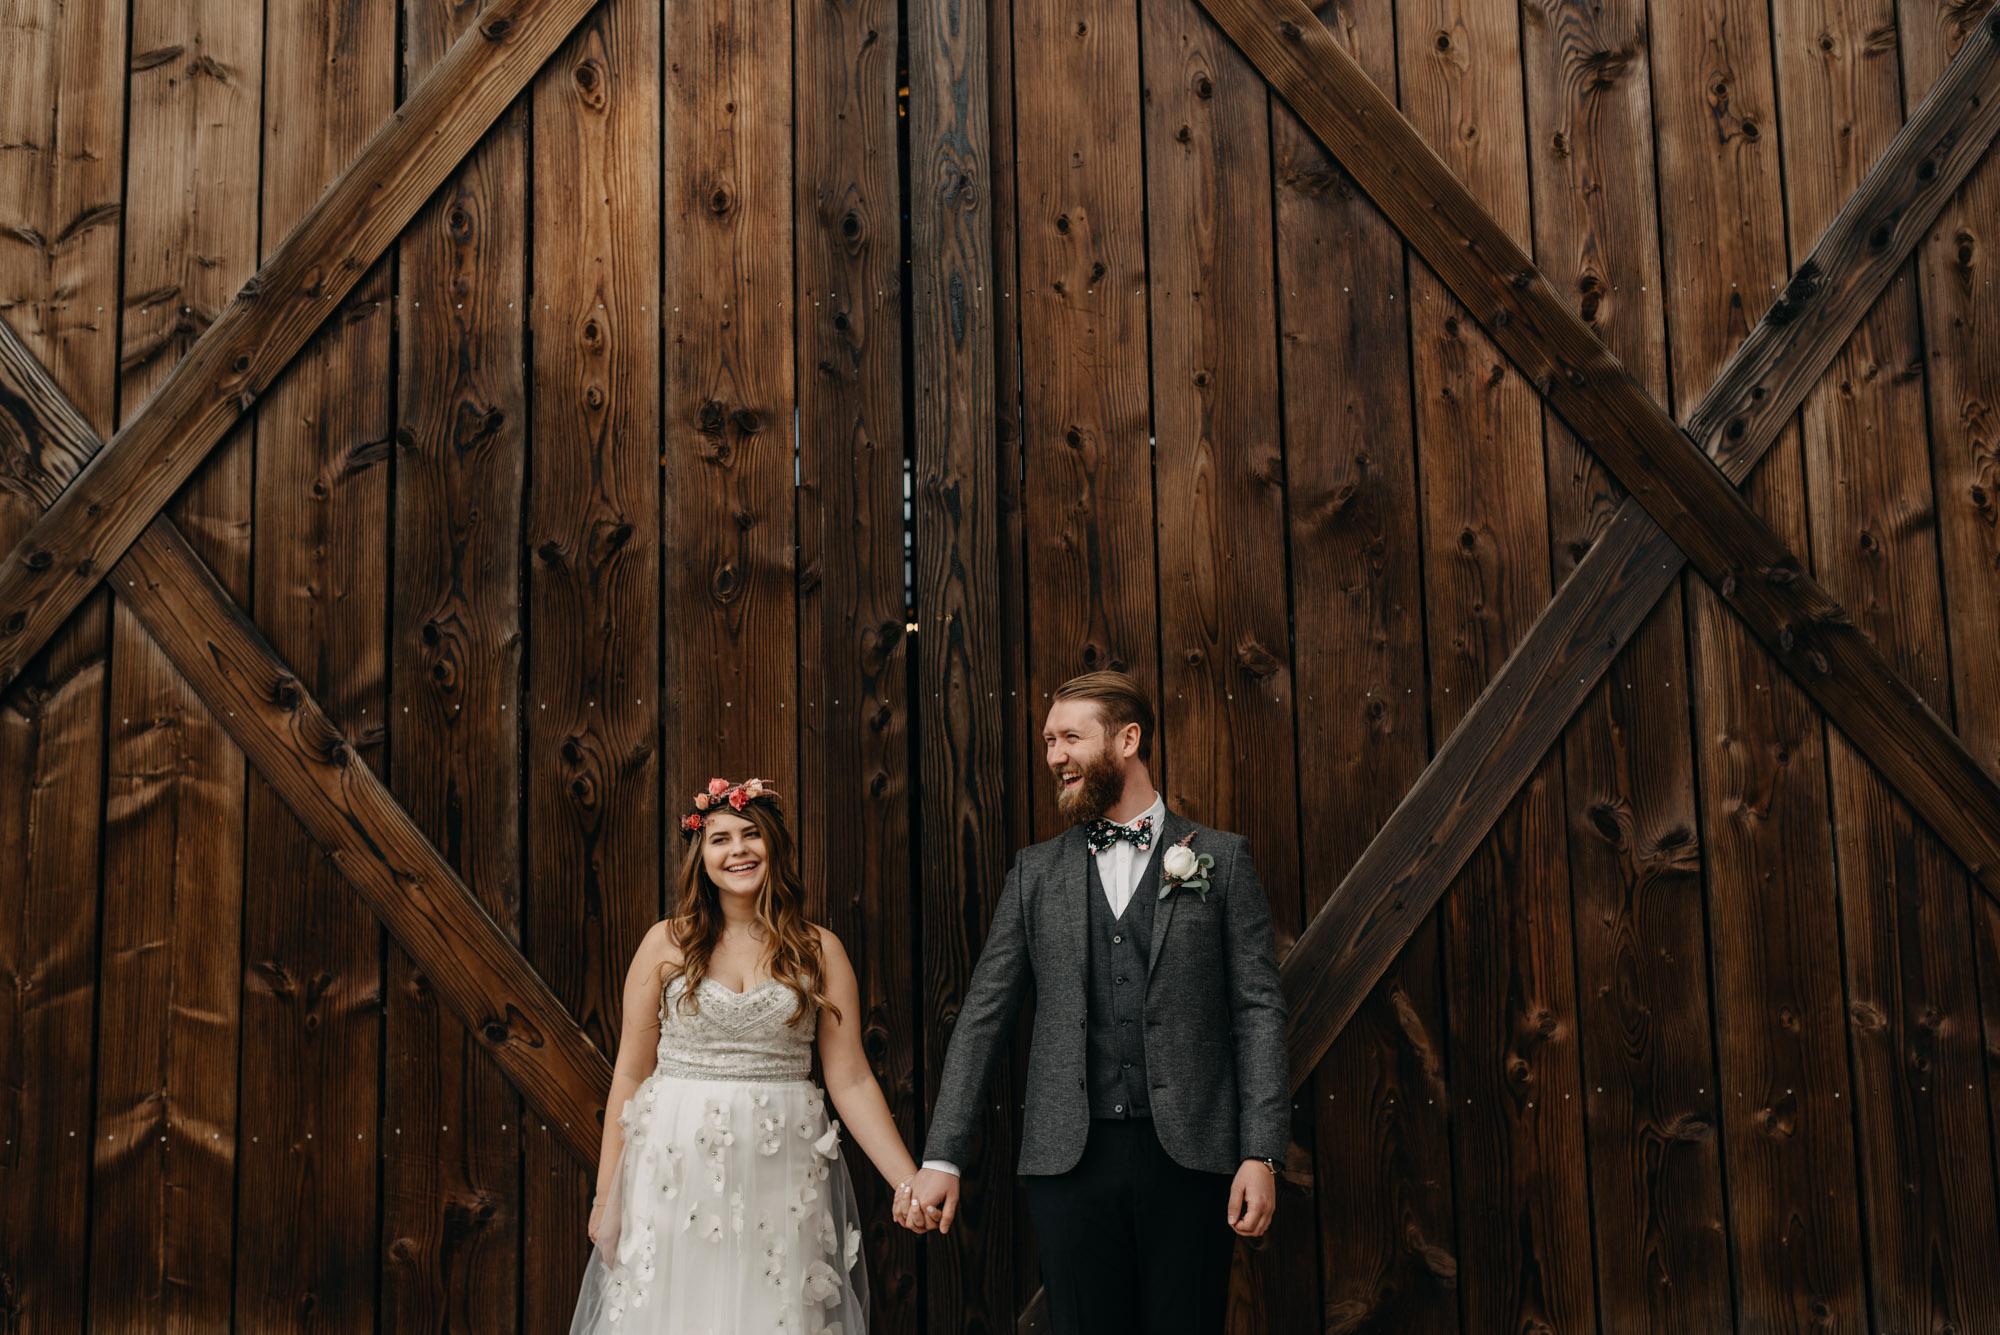 Outdoor-First-Look-Washington-Wedding-Barn-Door-8155.jpg